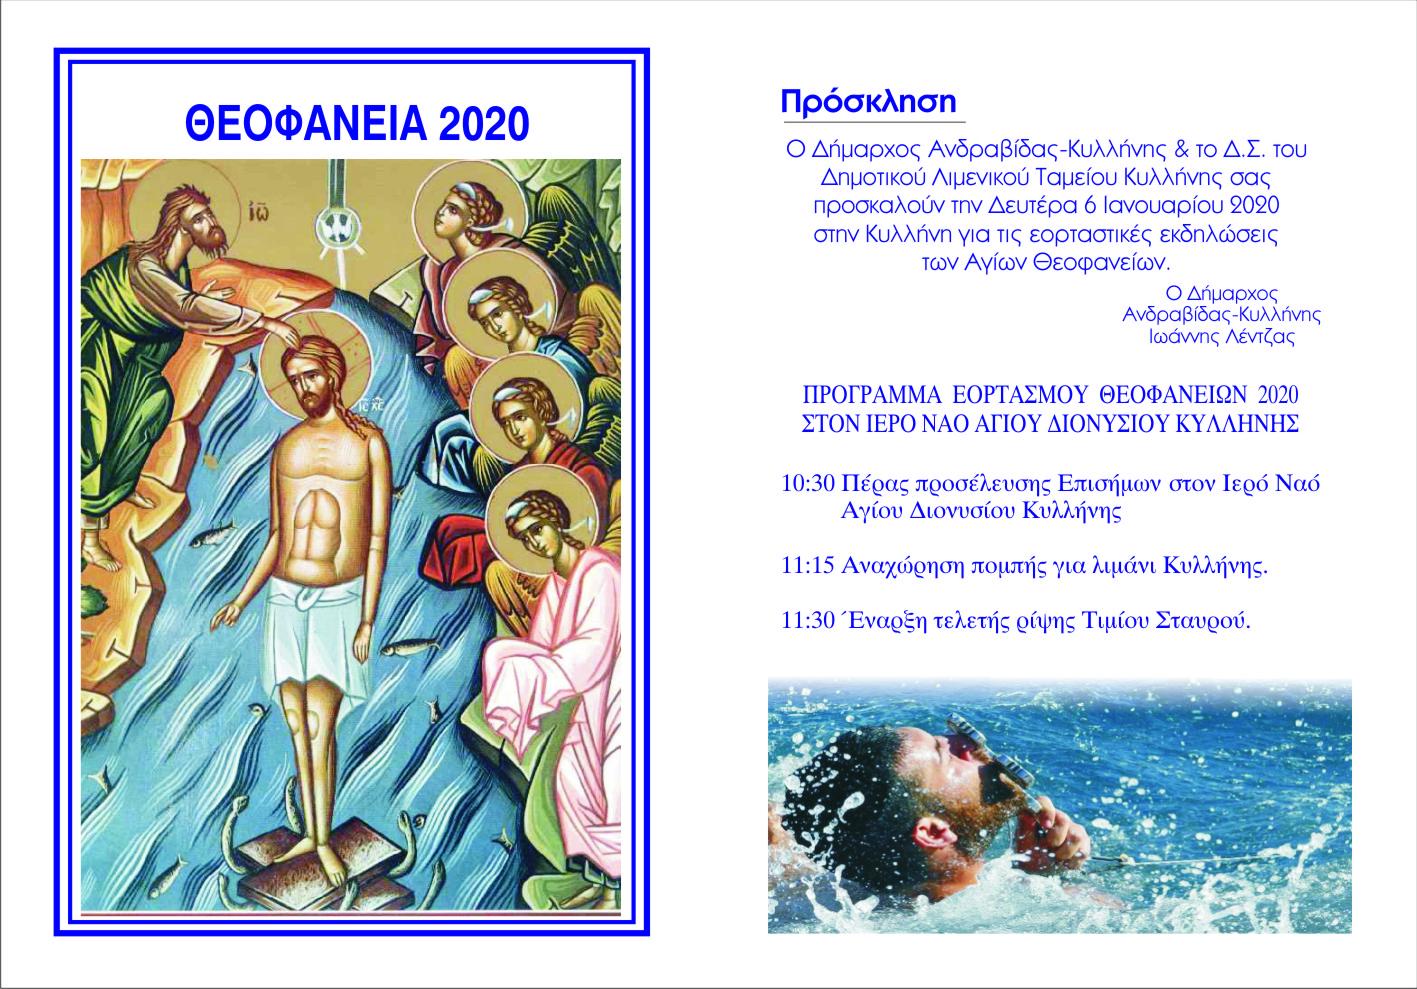 Δήμος Ανδραβίδας-Κυλλήνης: Πρόσκληση για τον εορτασμό των Θεοφανείων στο Λιμάνι Κυλλήνης